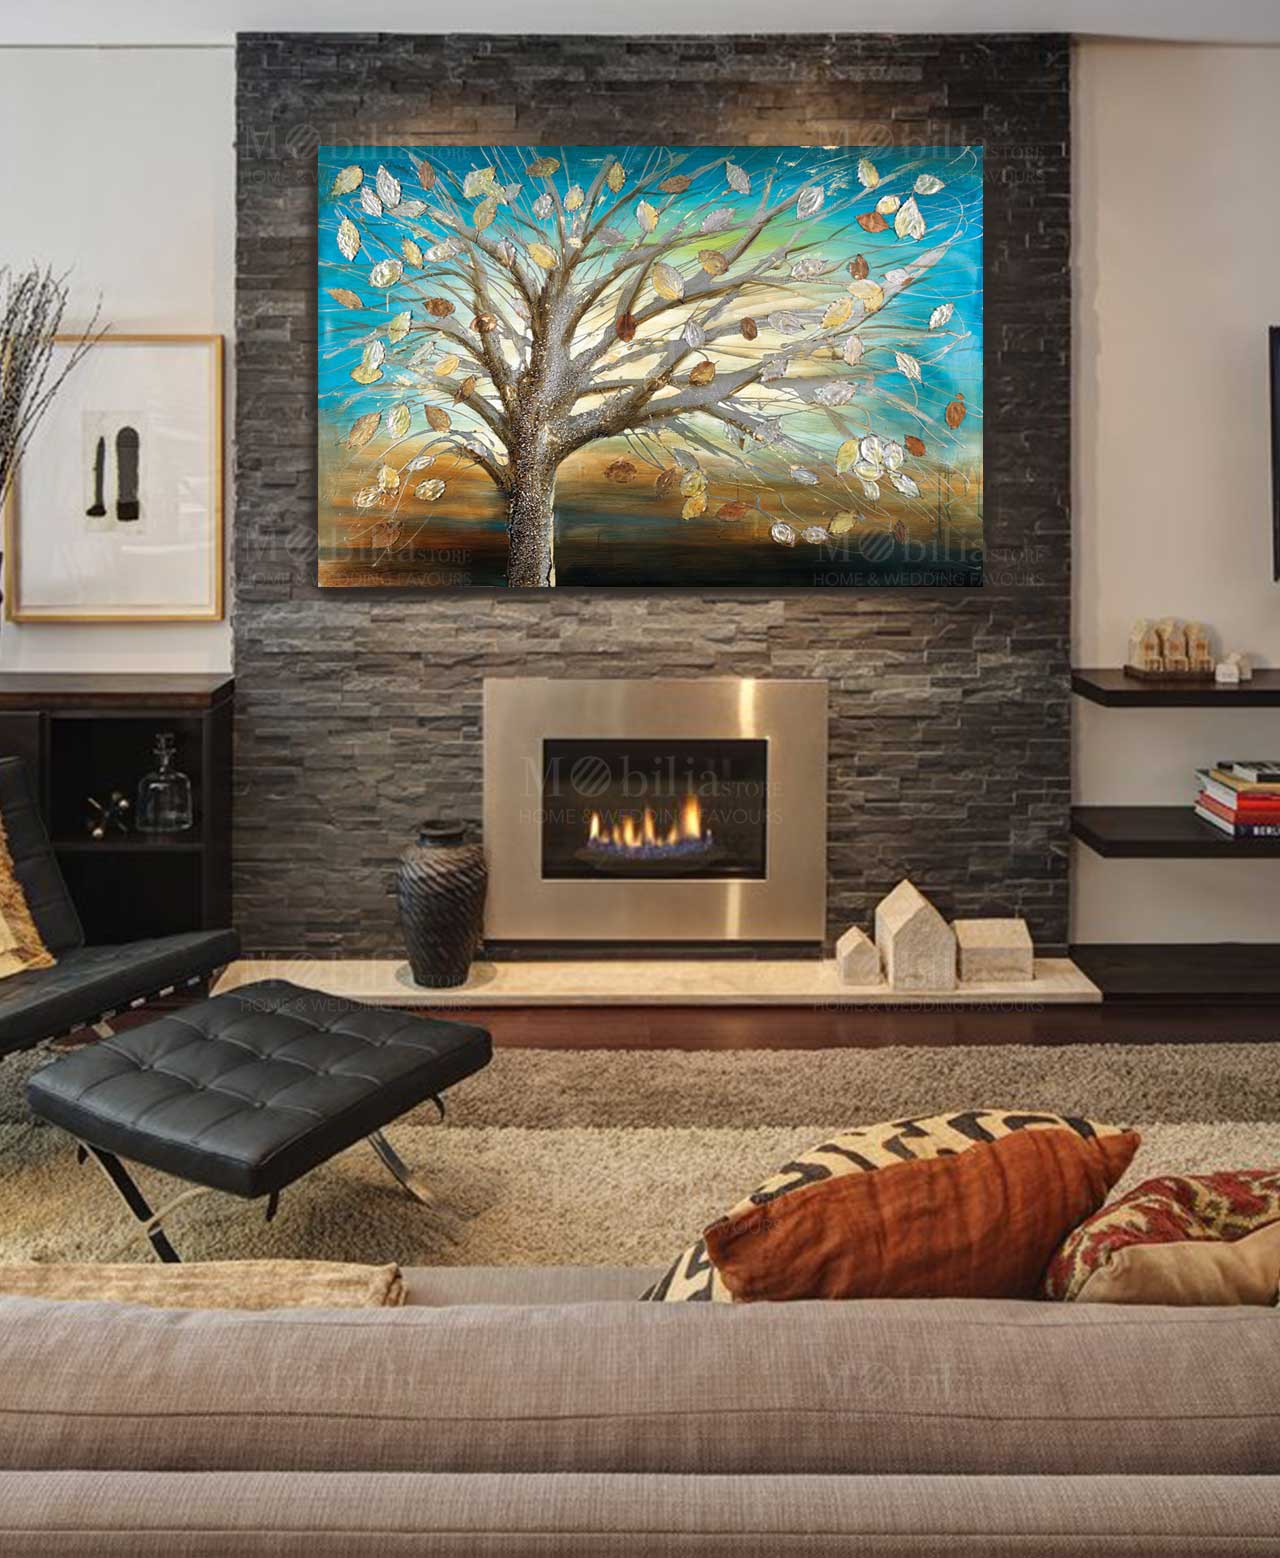 Quadro ottaviani albero dei desideri mobilia store home for Mobilia recensioni